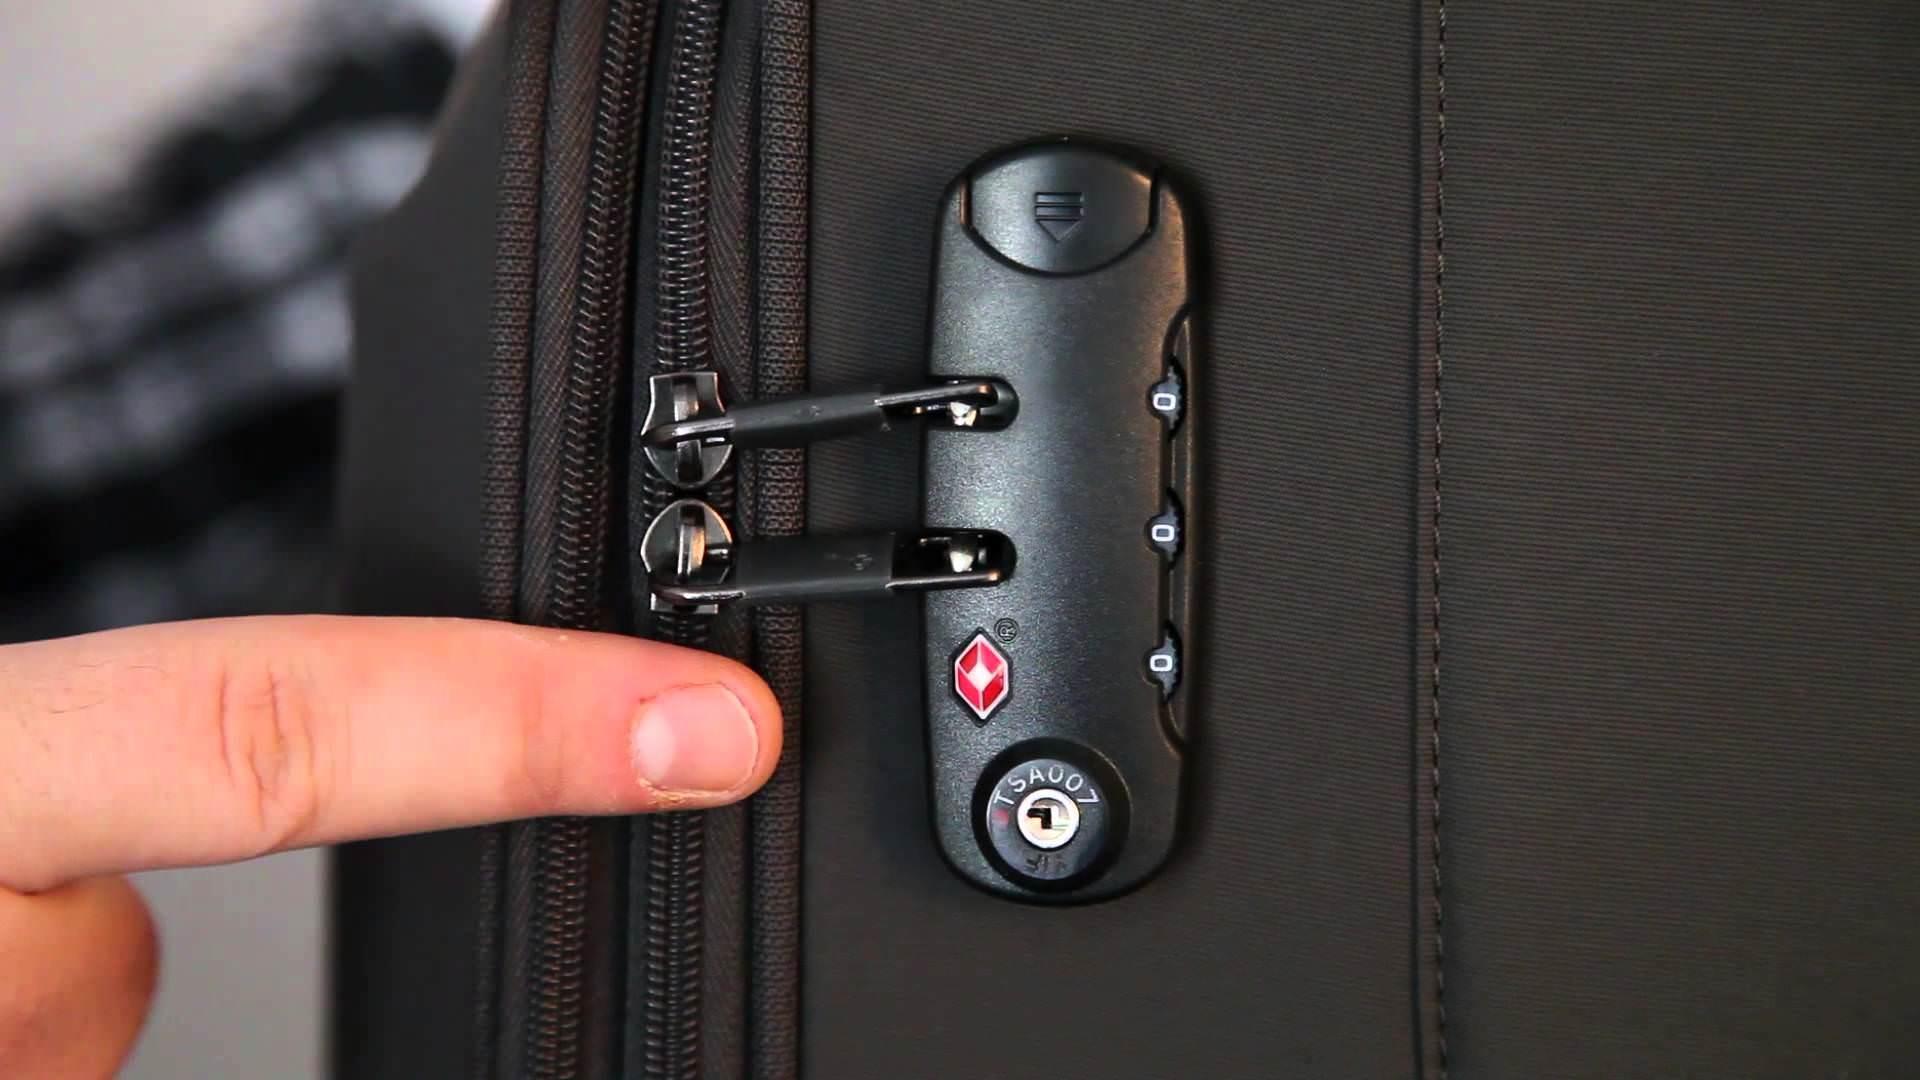 mua dây đai vali khóa số ở đâu